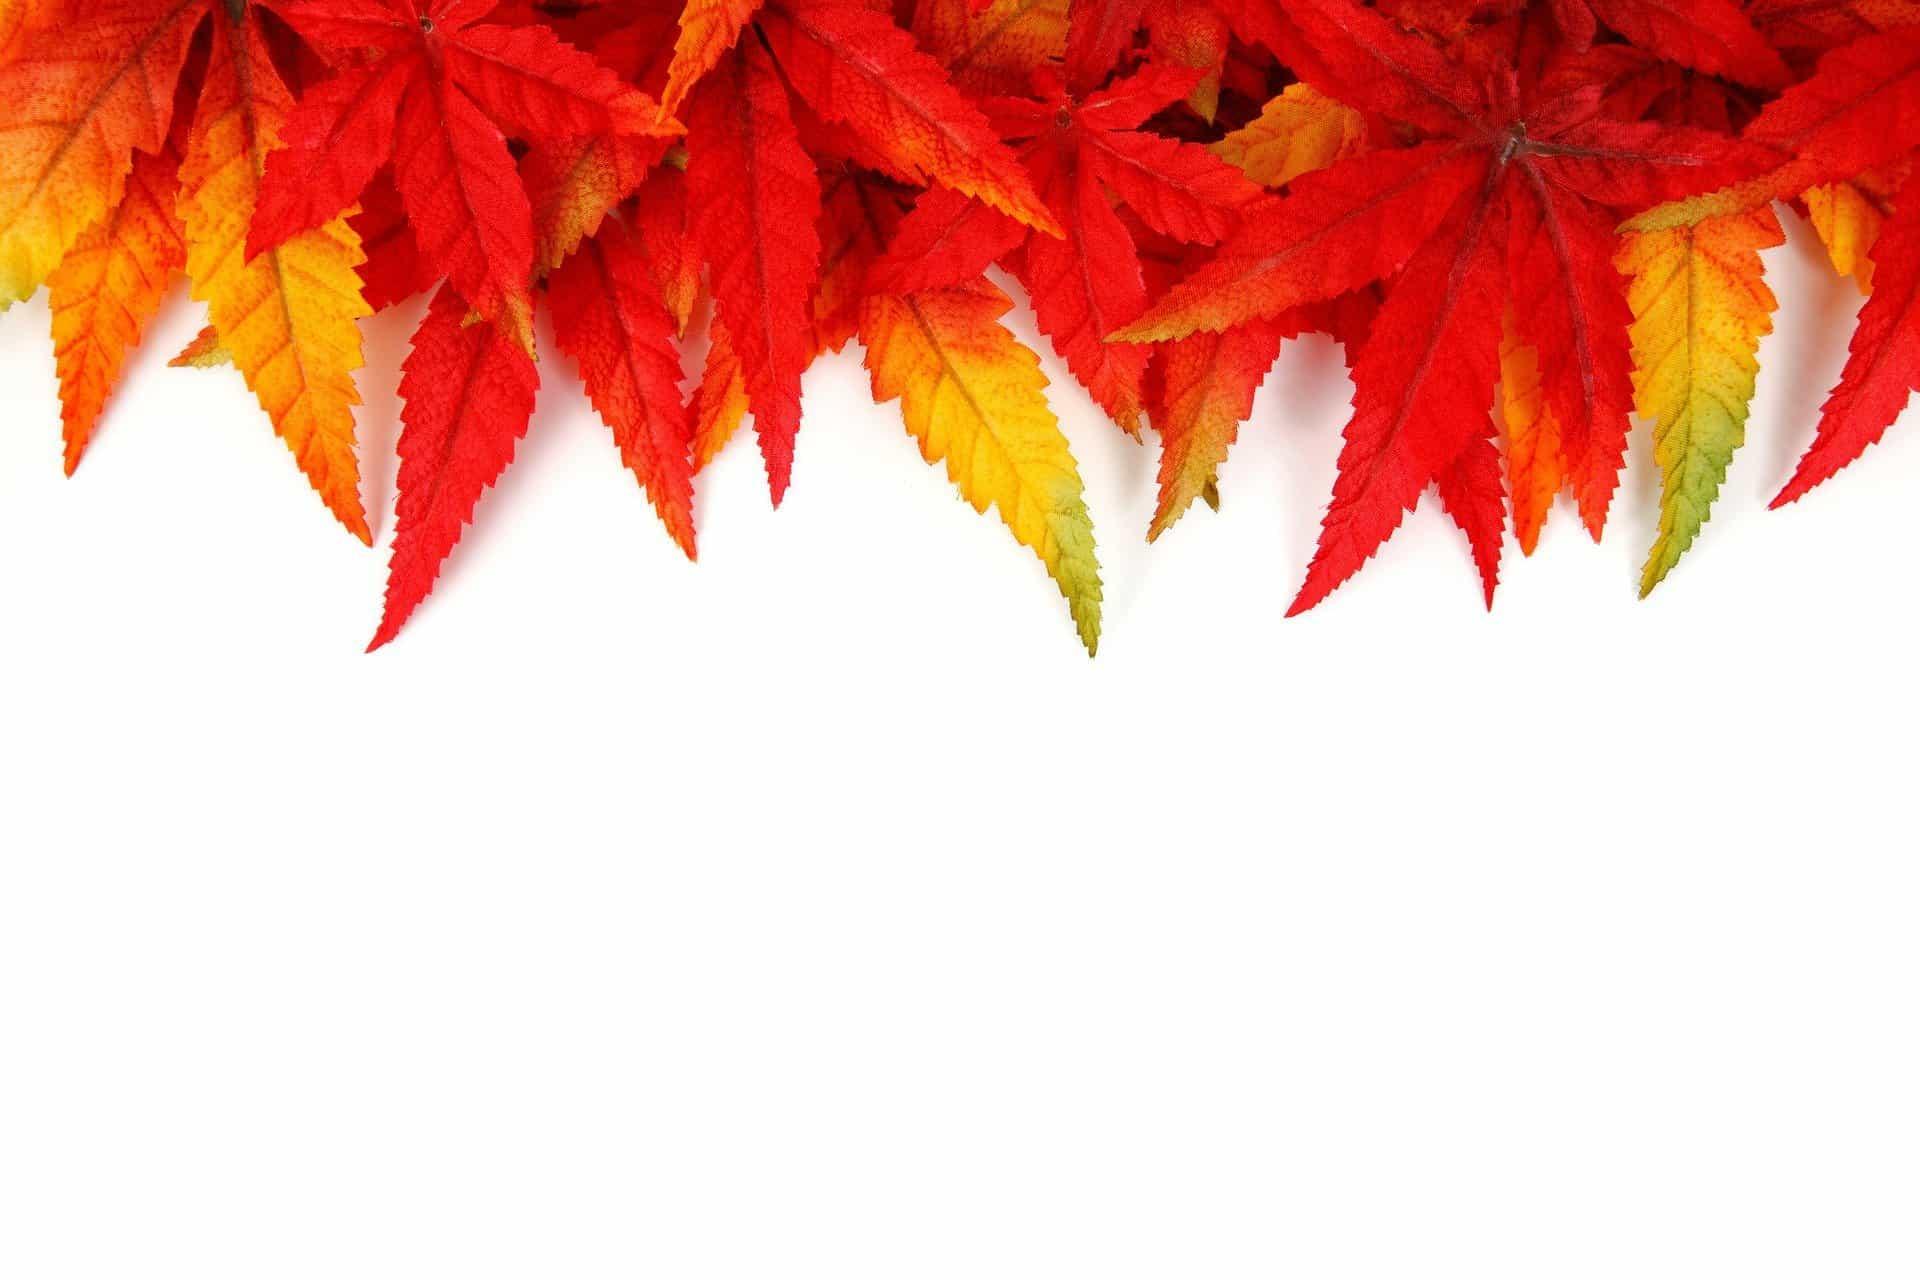 foglie_autunno_astratto